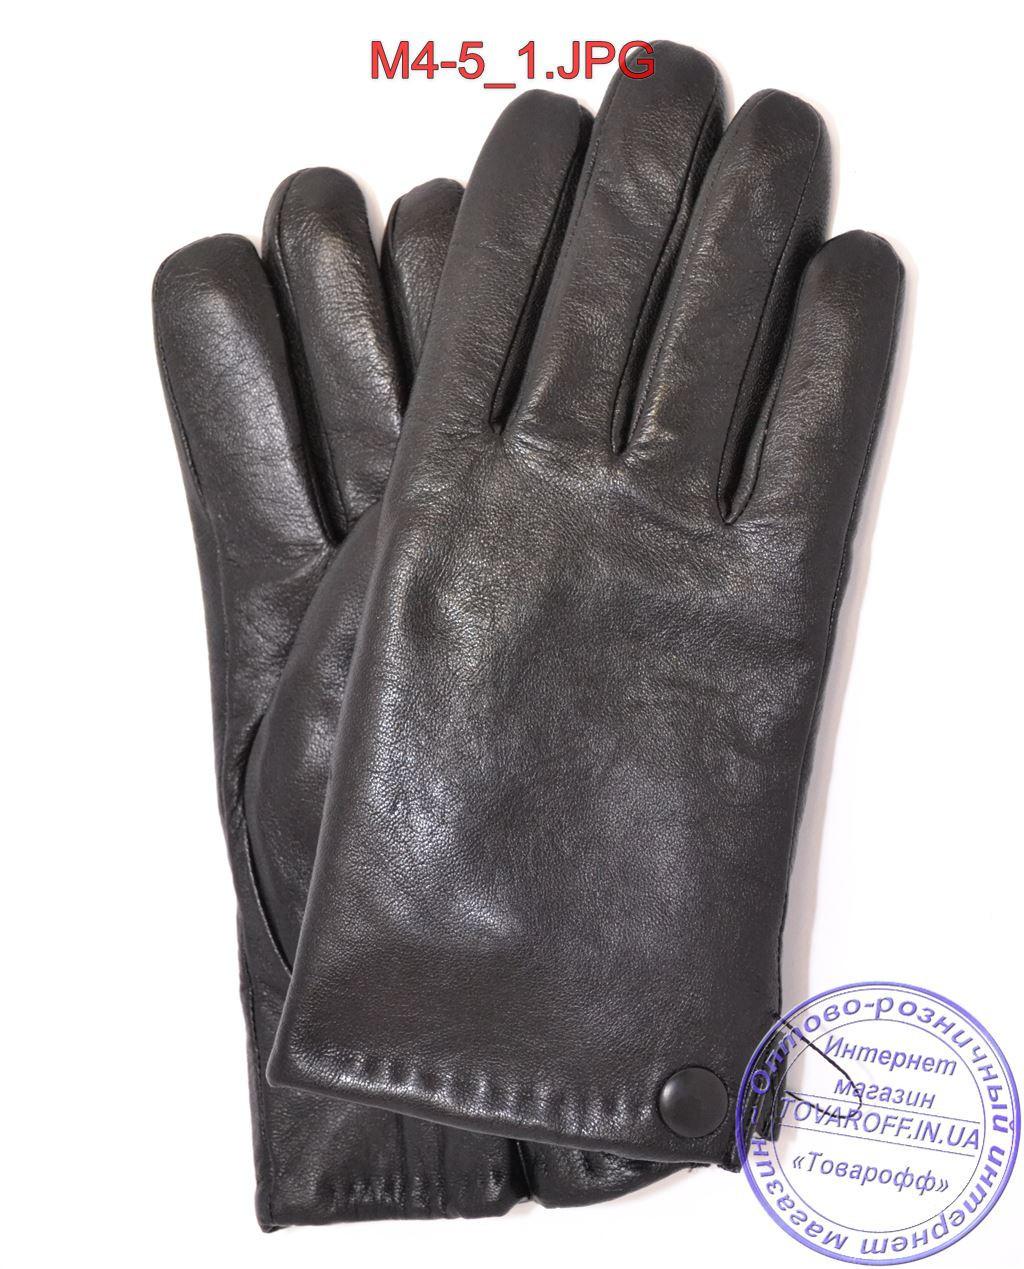 Мужские кожаные перчатки с махровой подкладкой - №M4-5